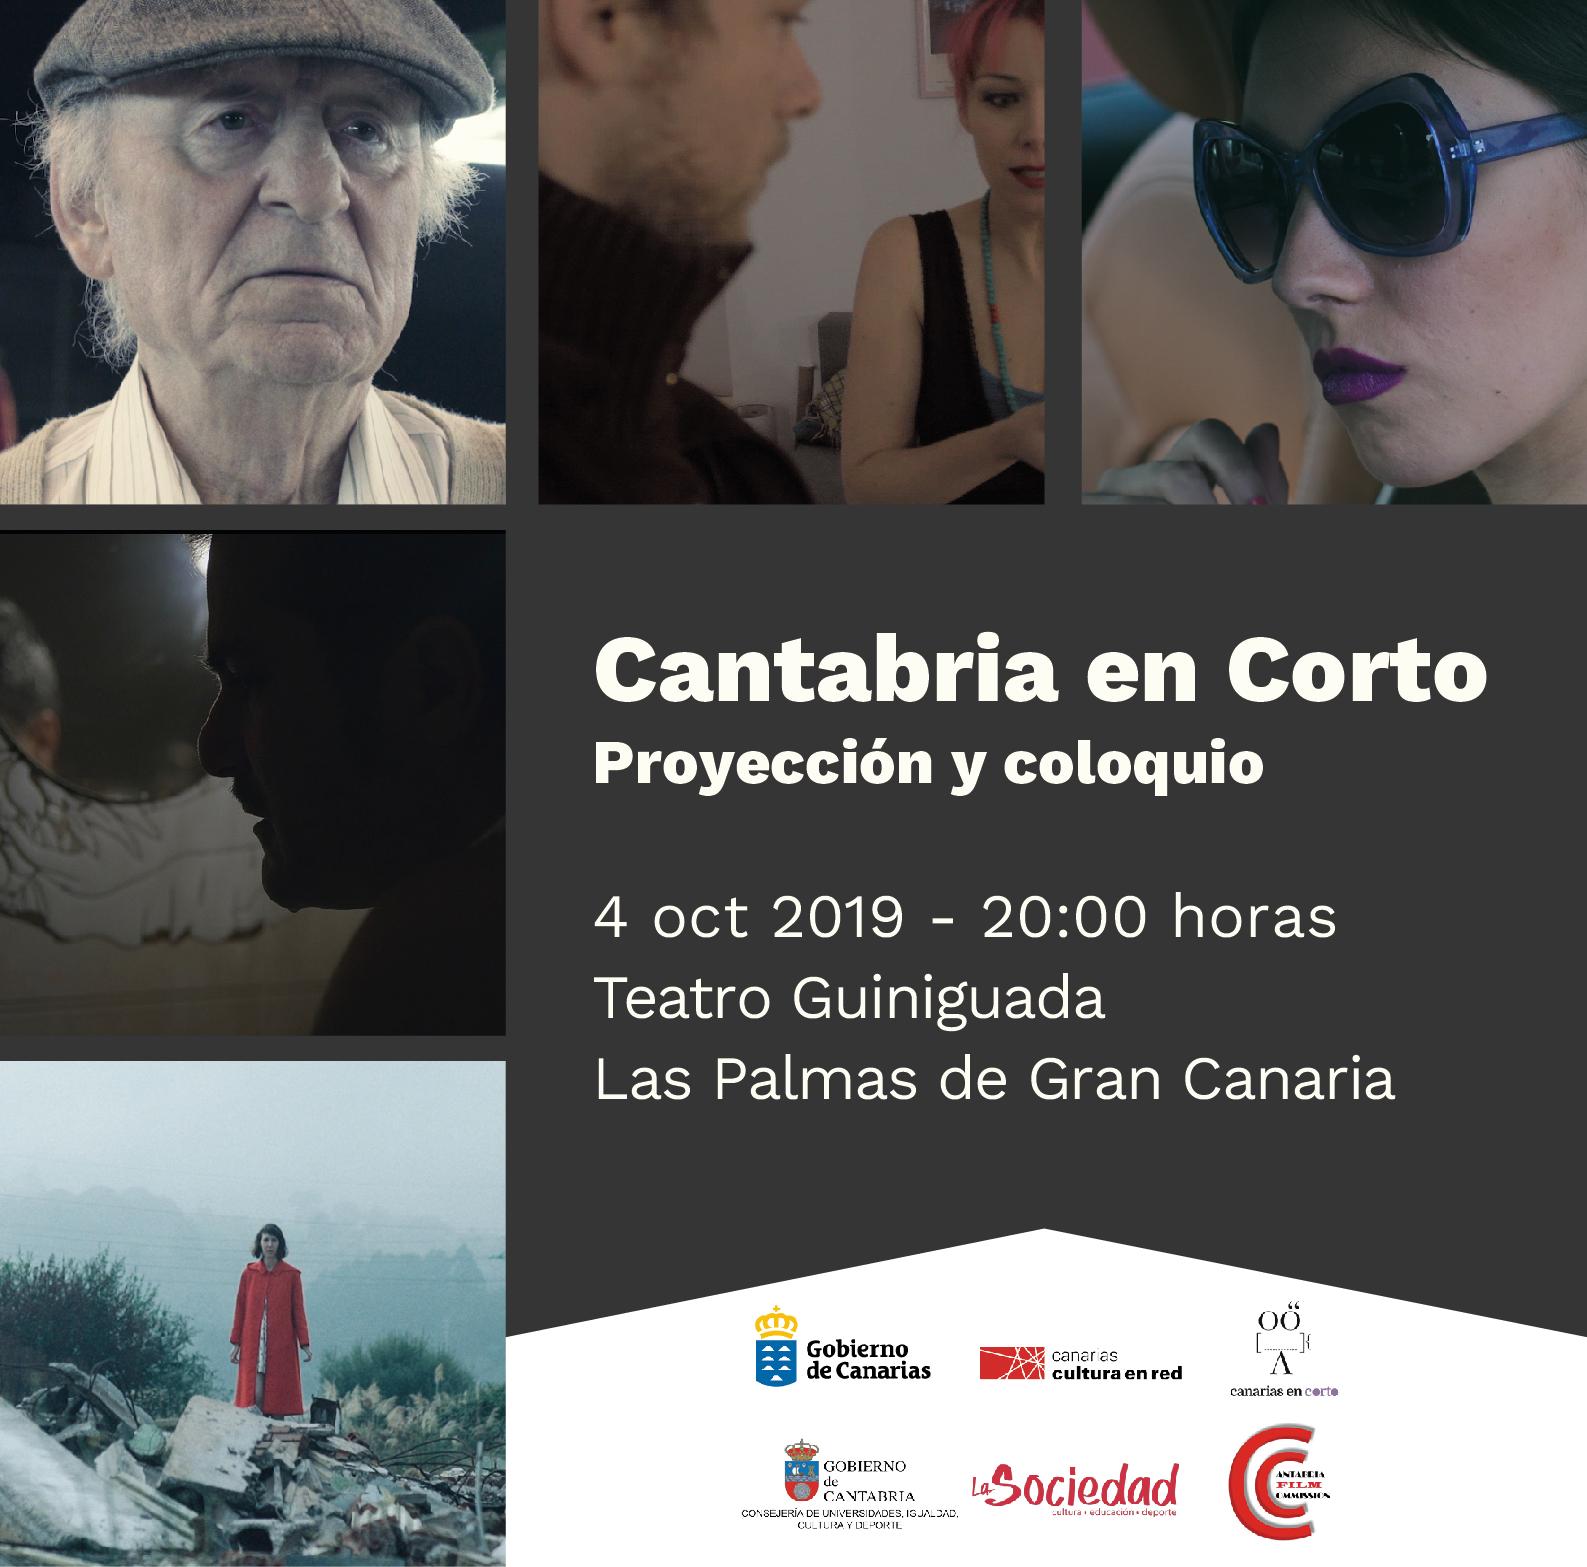 Cantabria en Corto